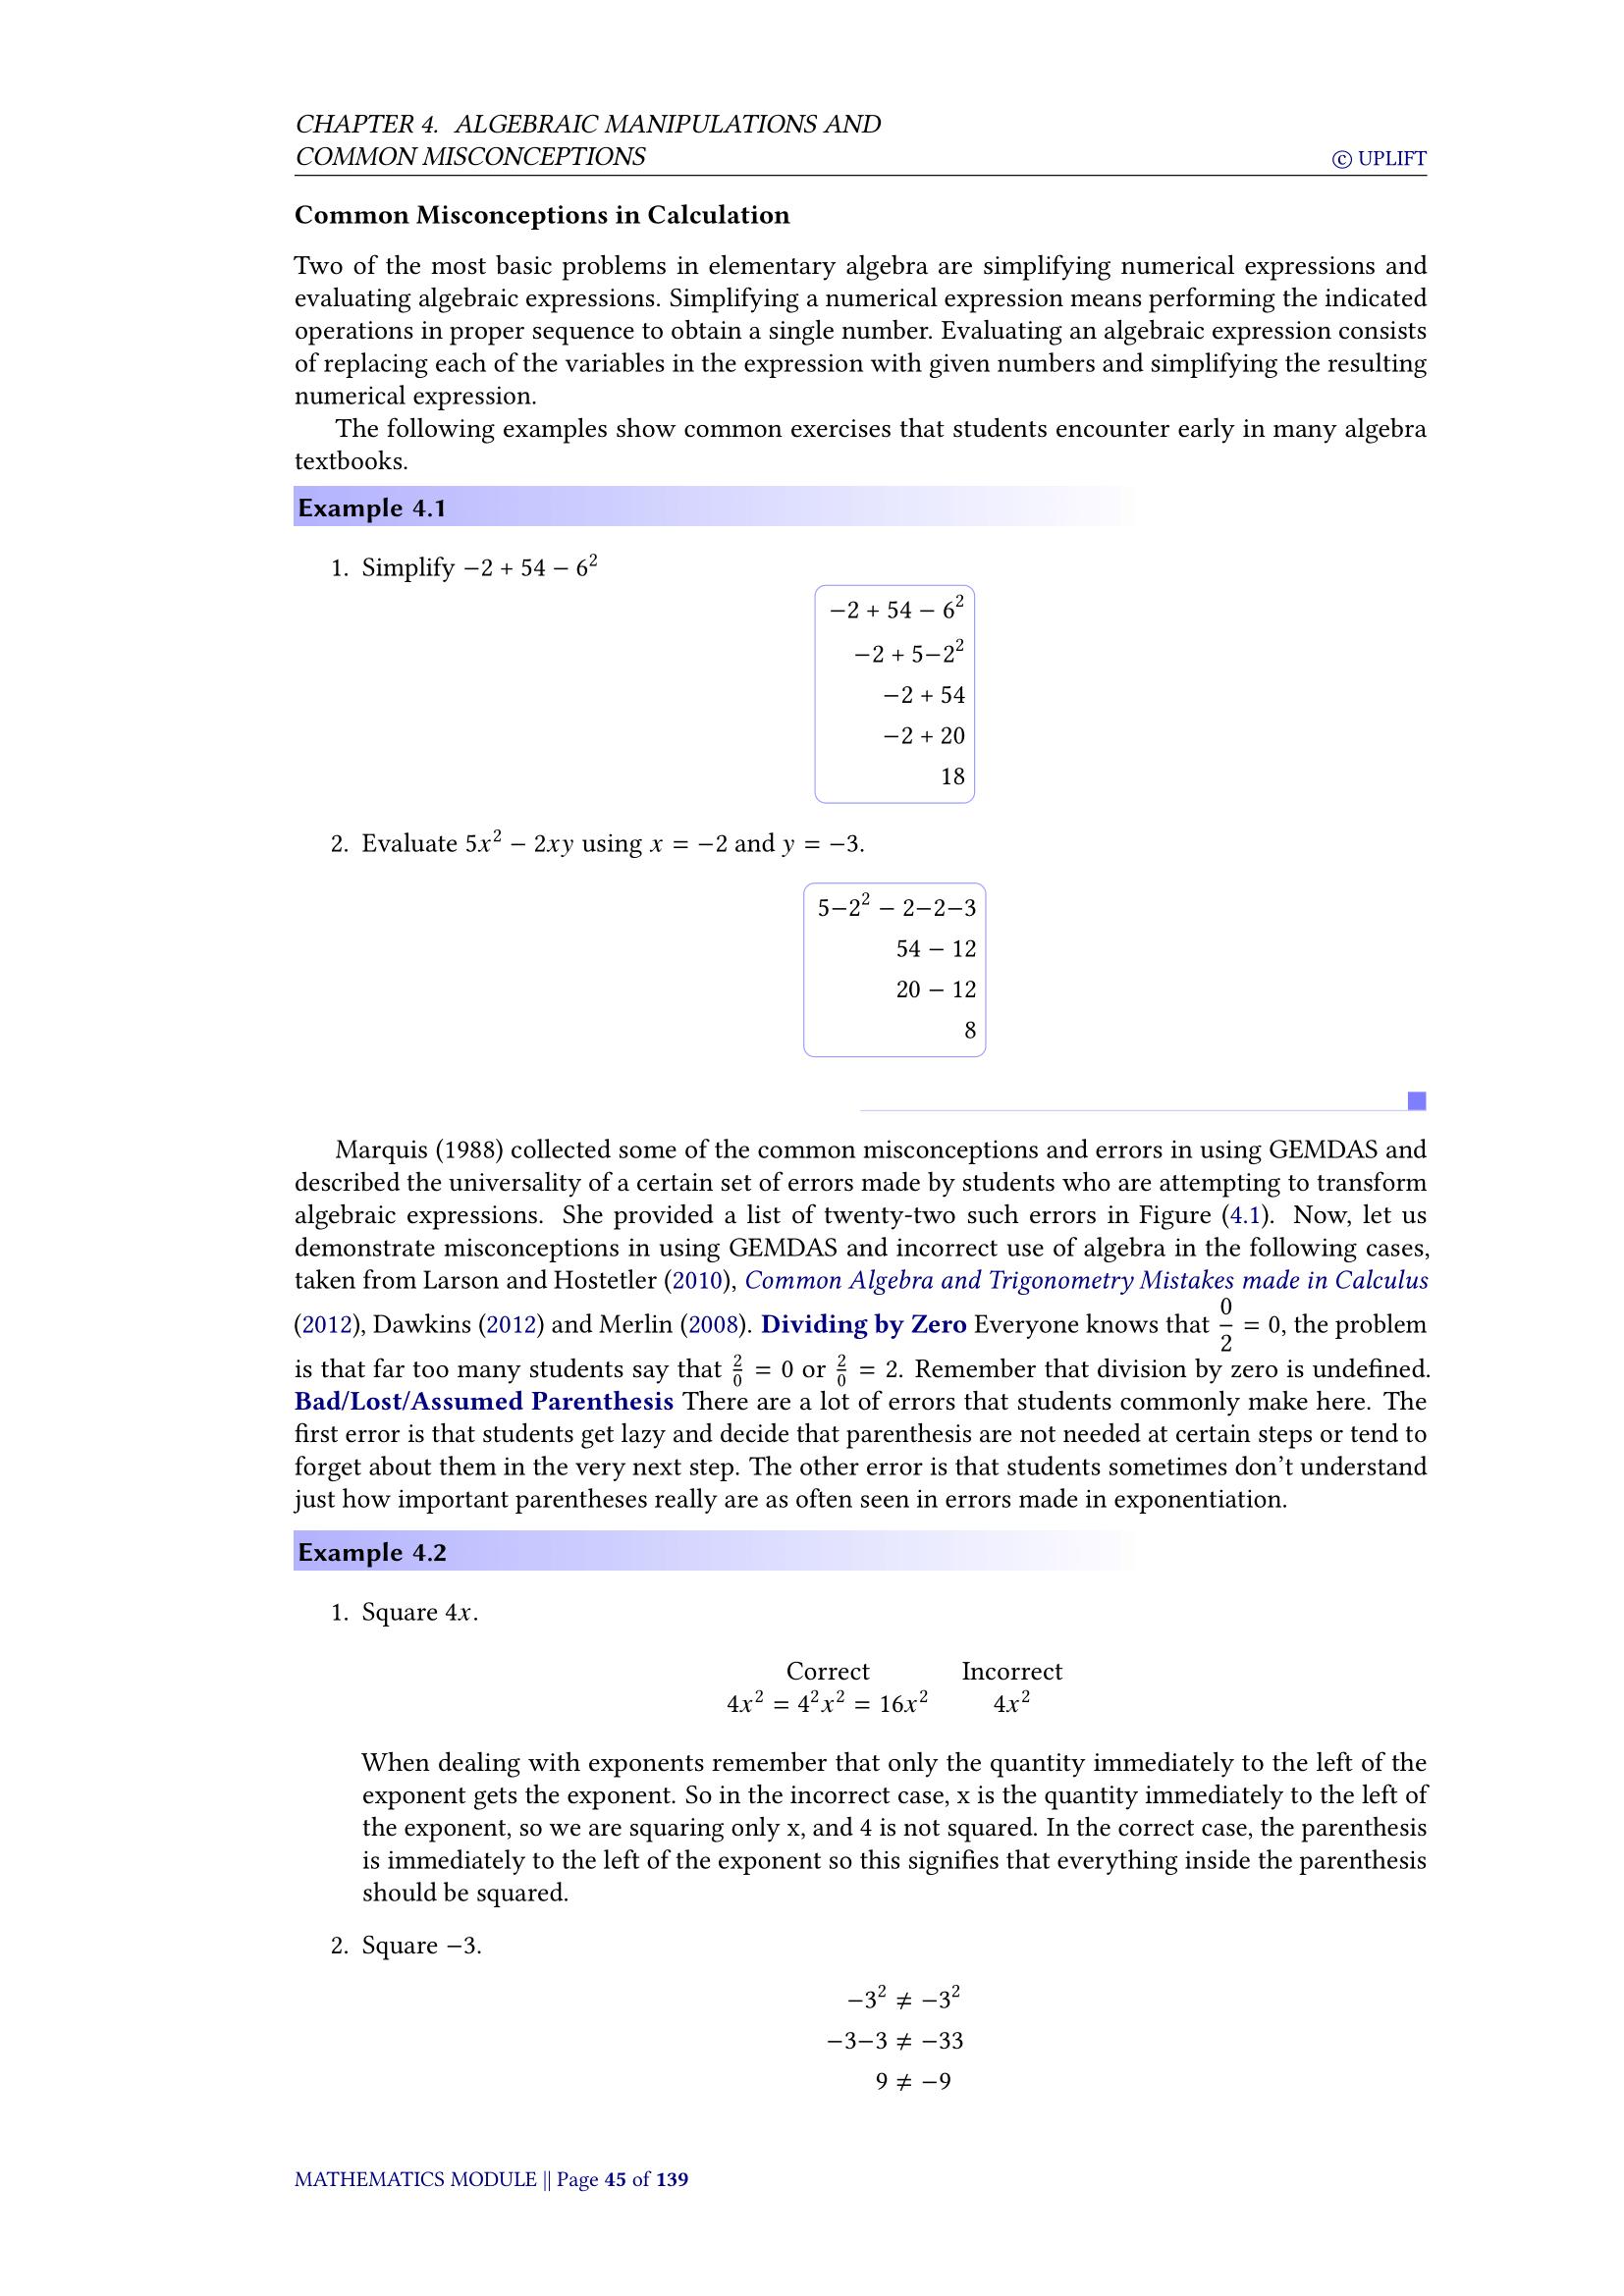 LaTeX 排版英文的数学教案 - 缺少图片,其余可以编译